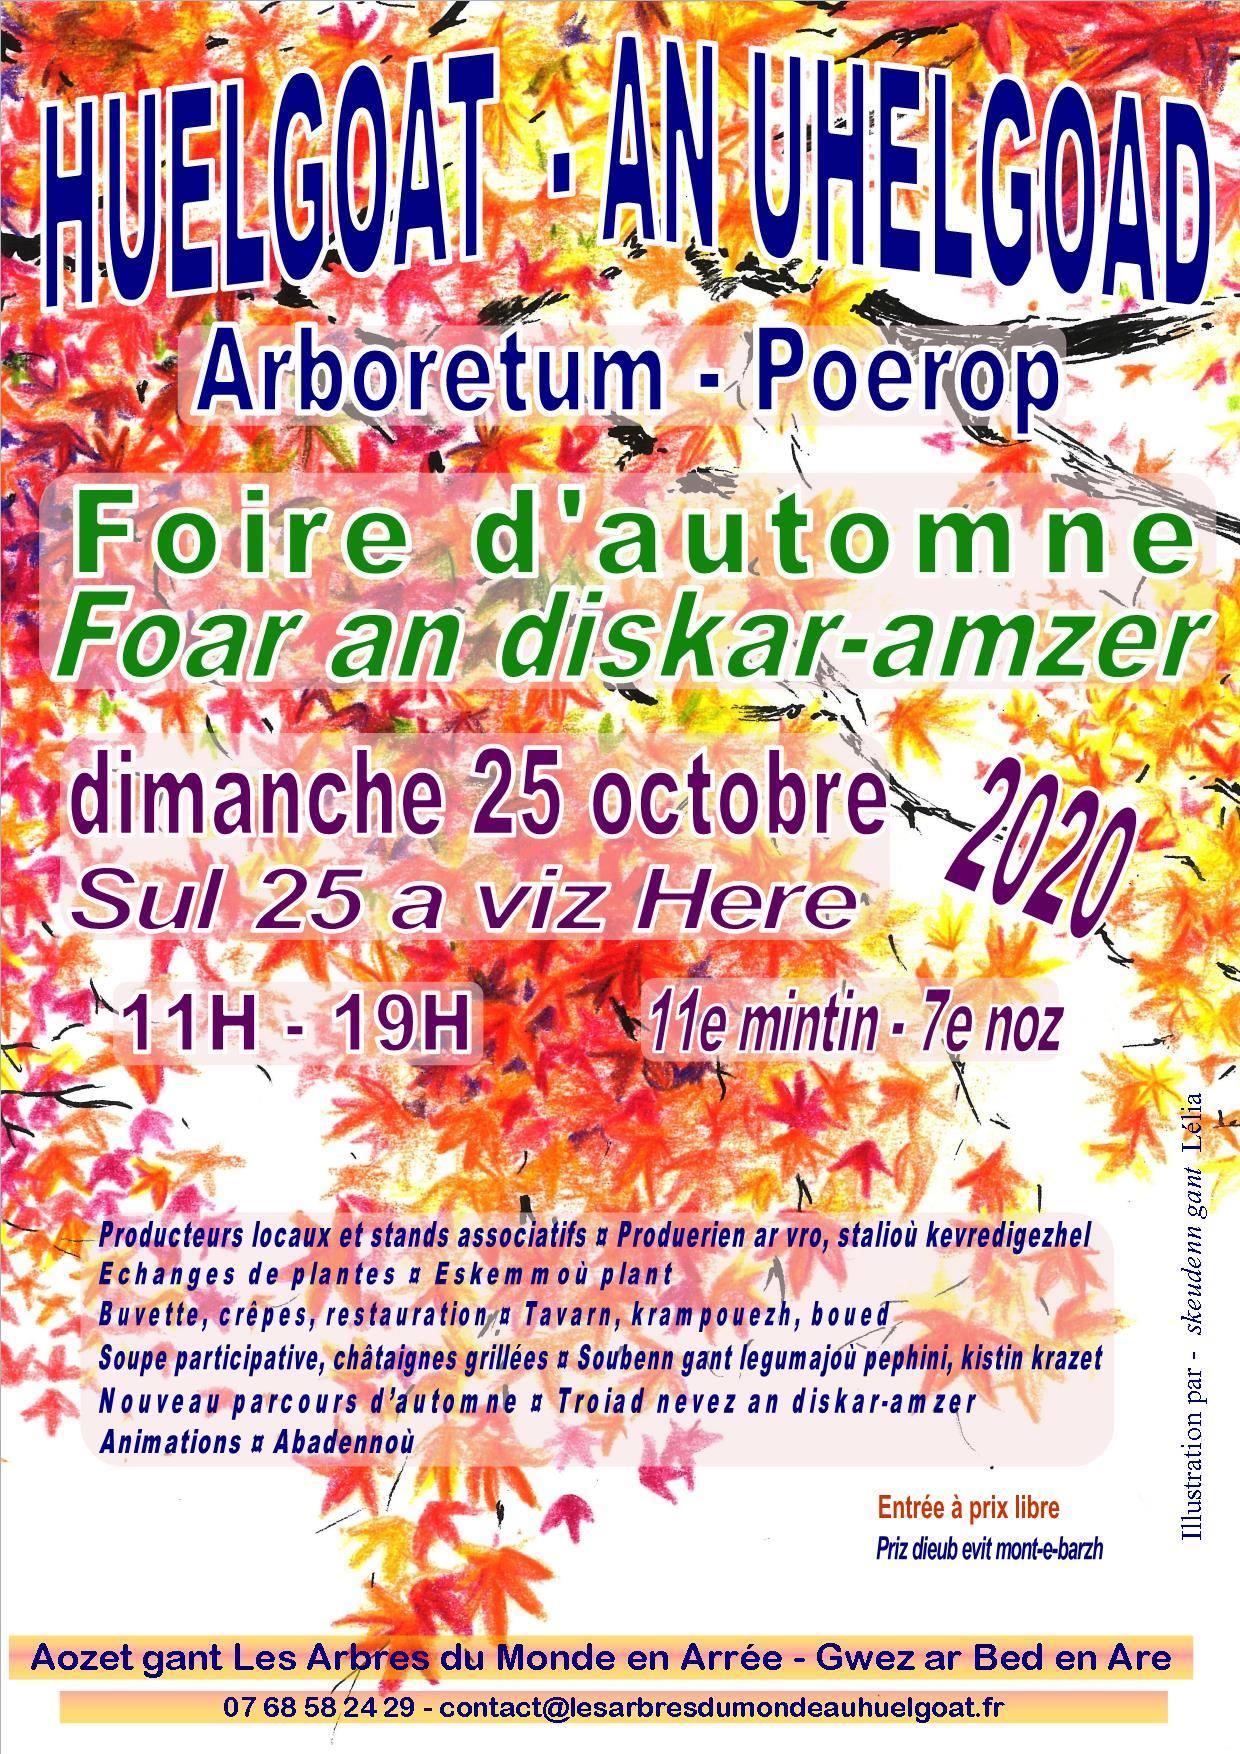 Huelgoat (29), foire d'automne Les Arbres du Monde au Huelgoat